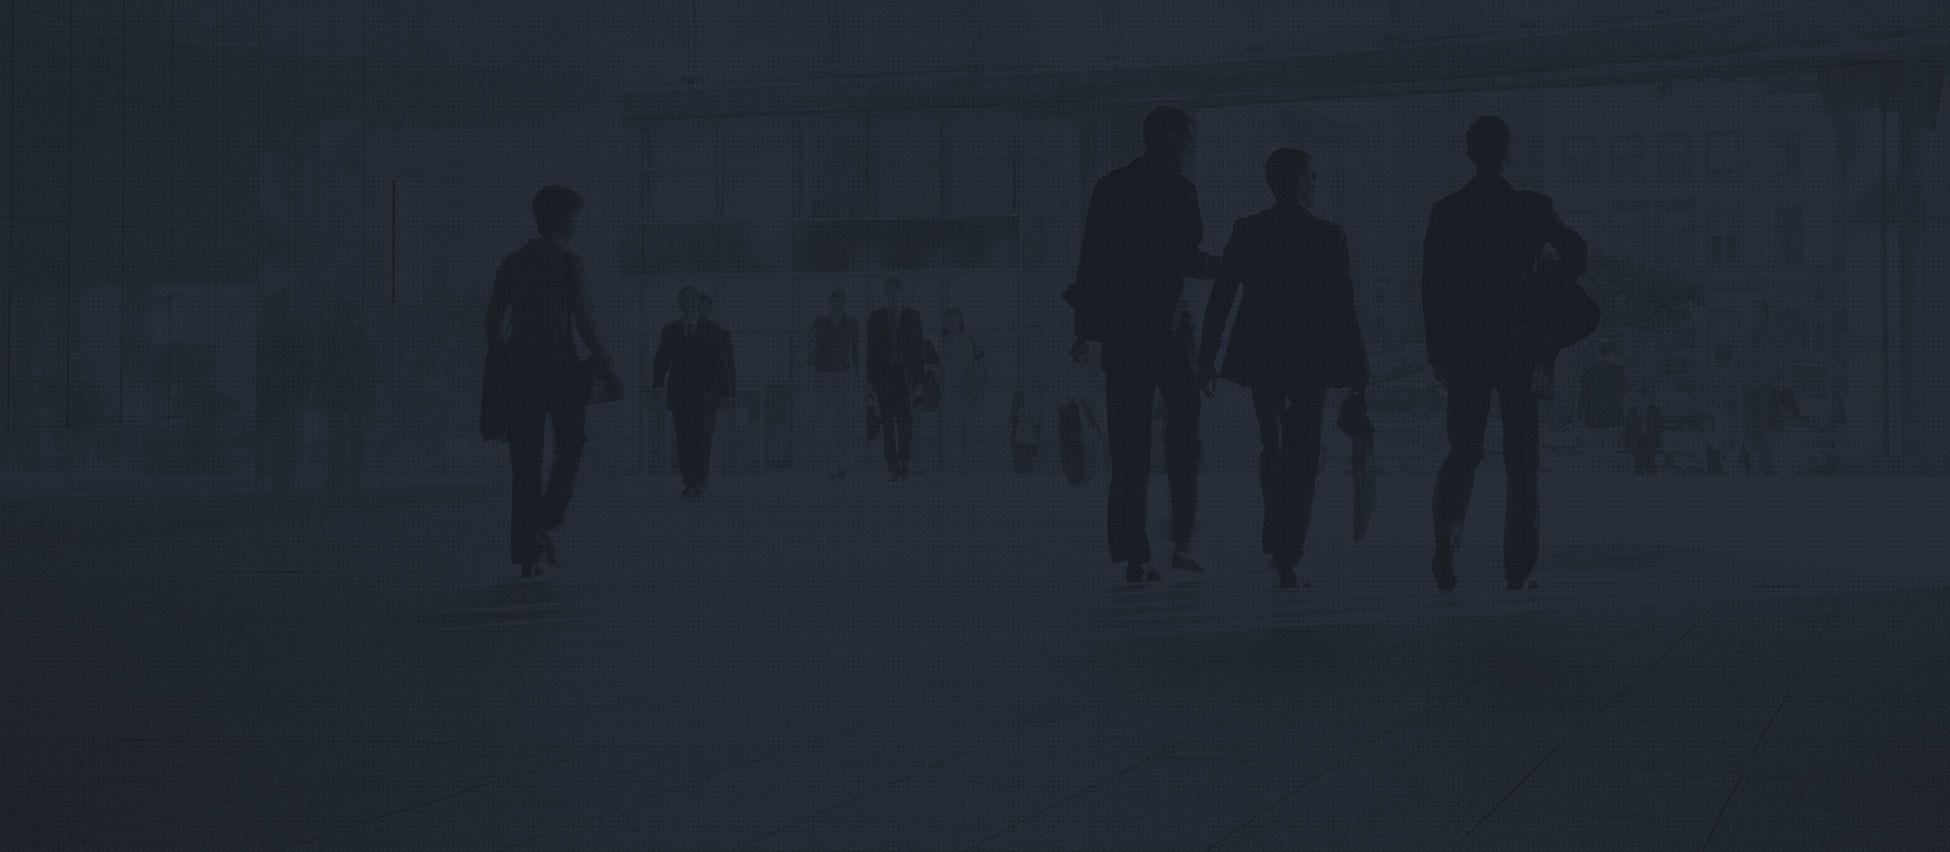 praca w DRB, praca w odszkodowaniach, zarobki w DRB, opinie o Centrum Odszkodowań DRB, Odszkodowanie Bielsko-Biała, partnerzy DRB, opinie o firmie DRB, Centrum Odszkodowań, skuteczność firm odszkodowawczych, firmy odszkodowawcze ranking